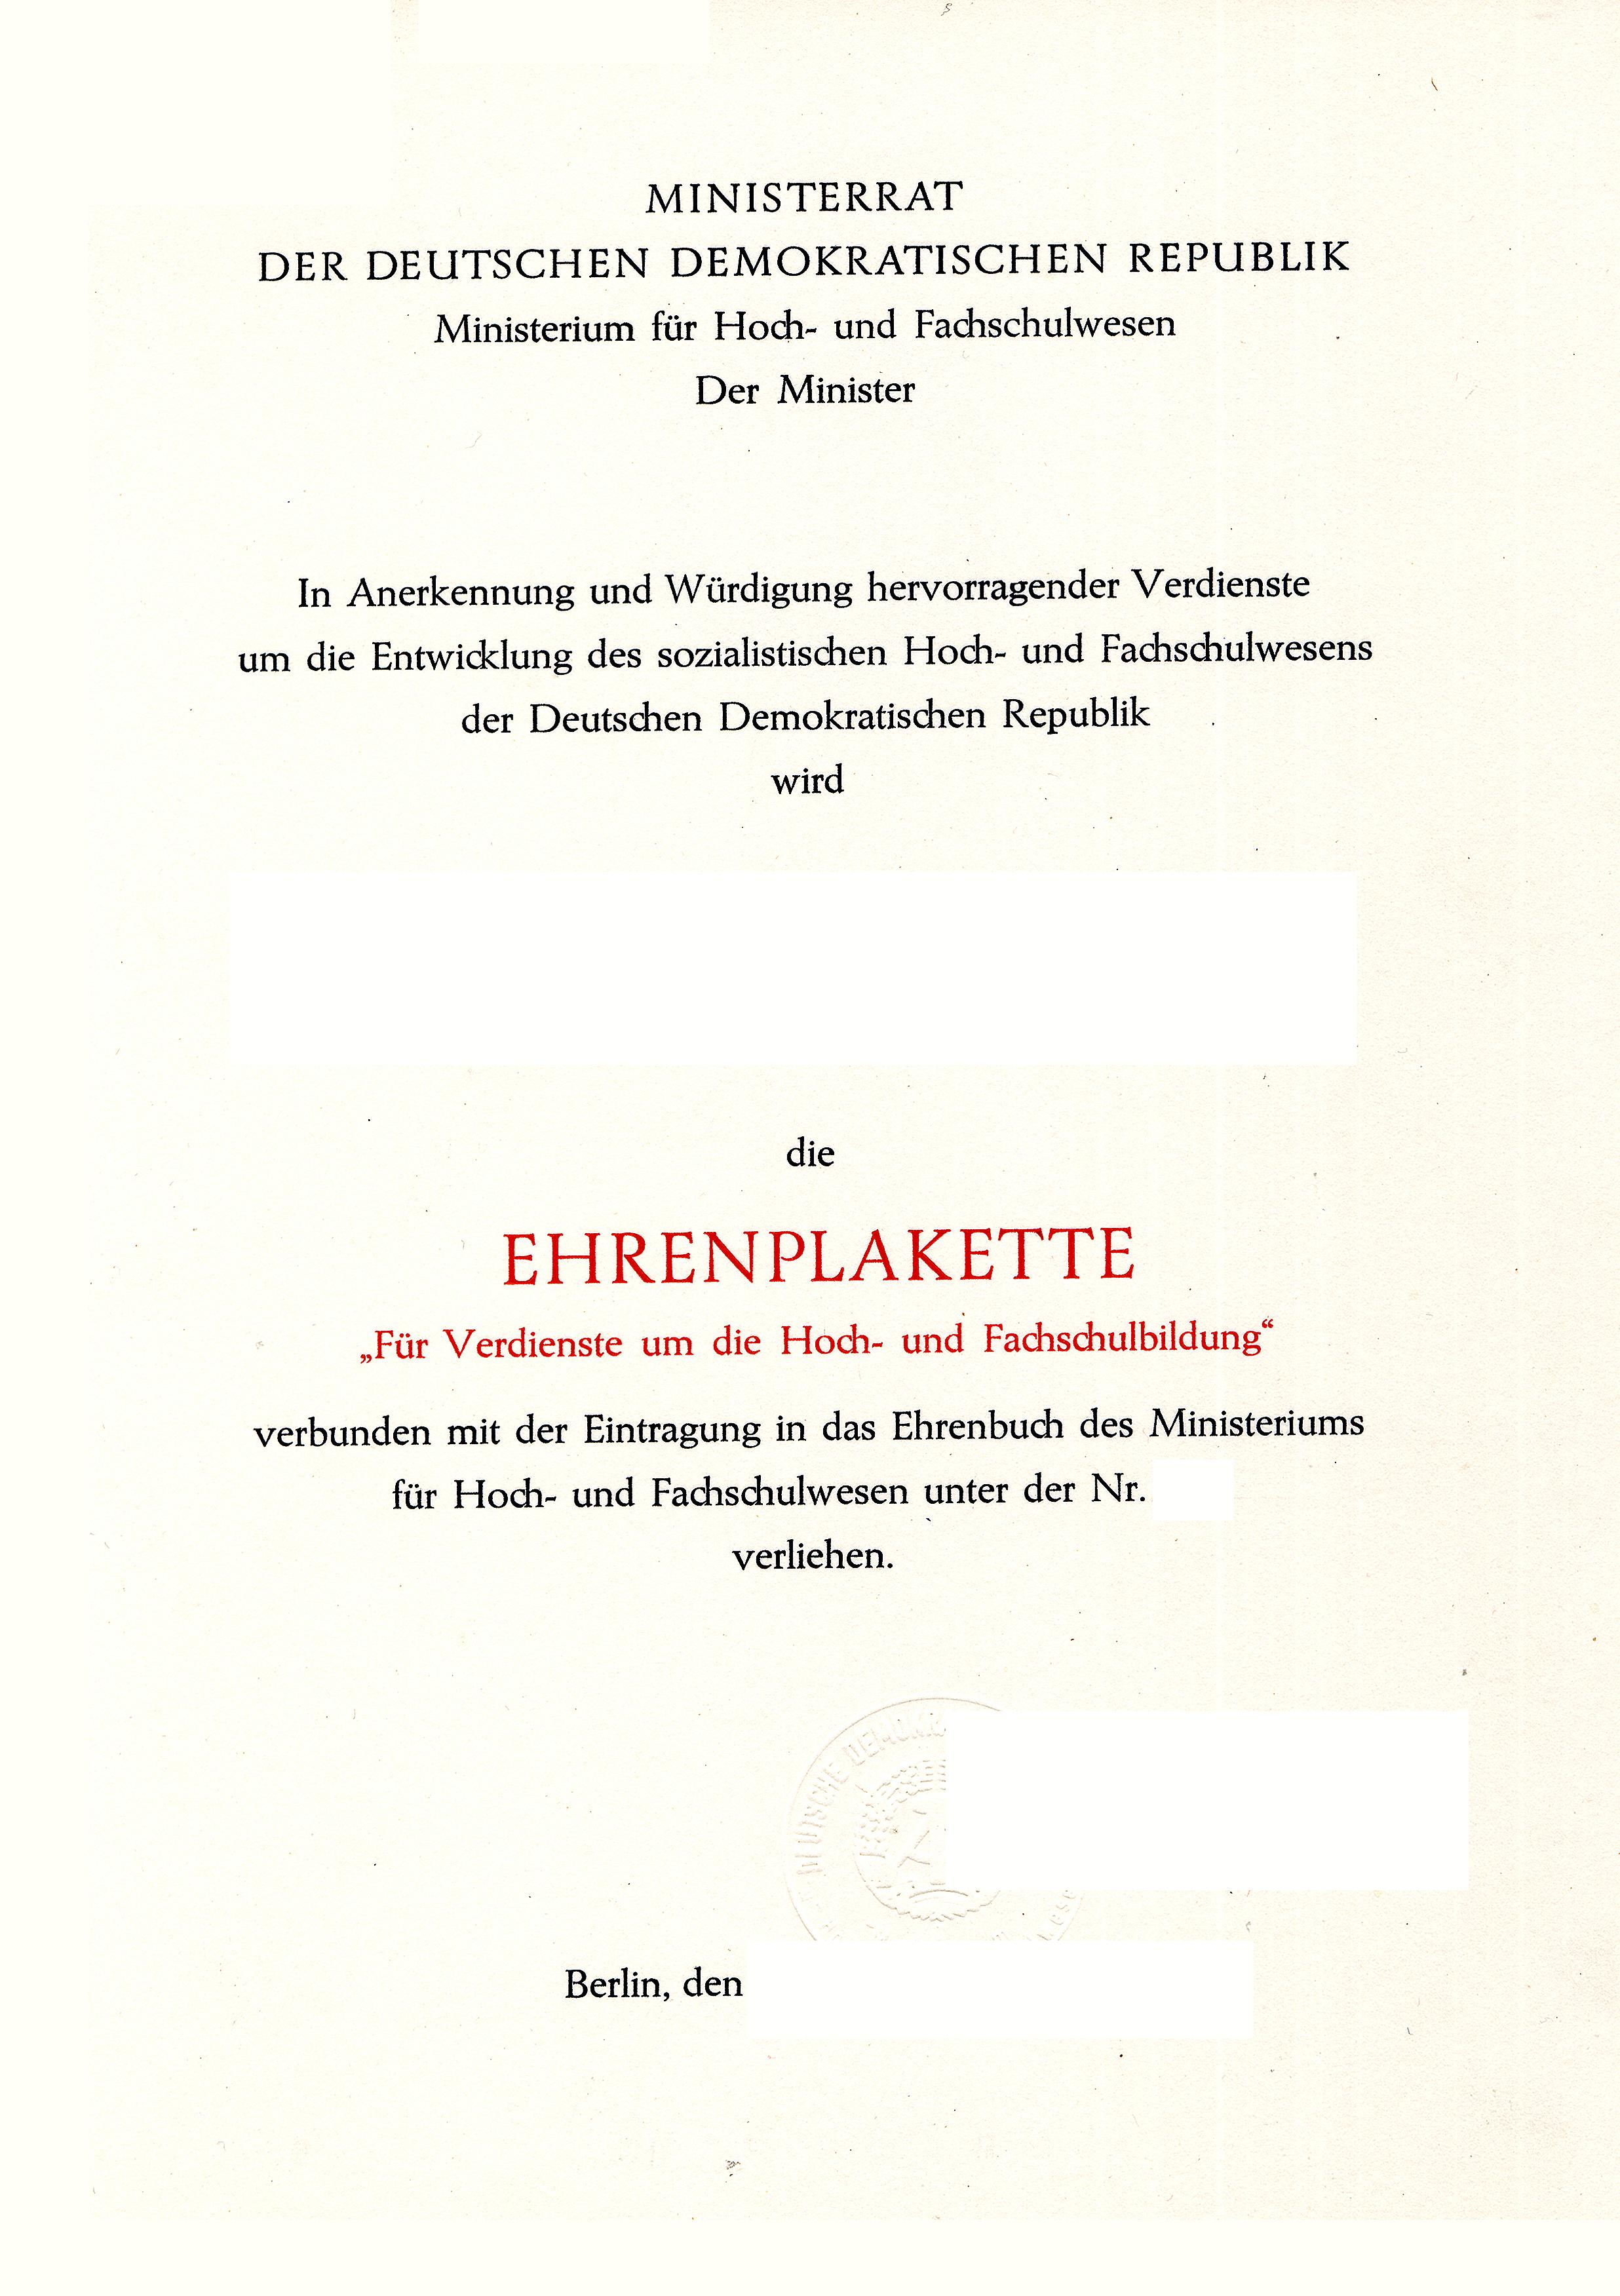 File:Verleihungsurkunde Ehrenplakette des Ministers für Hoch- und ...